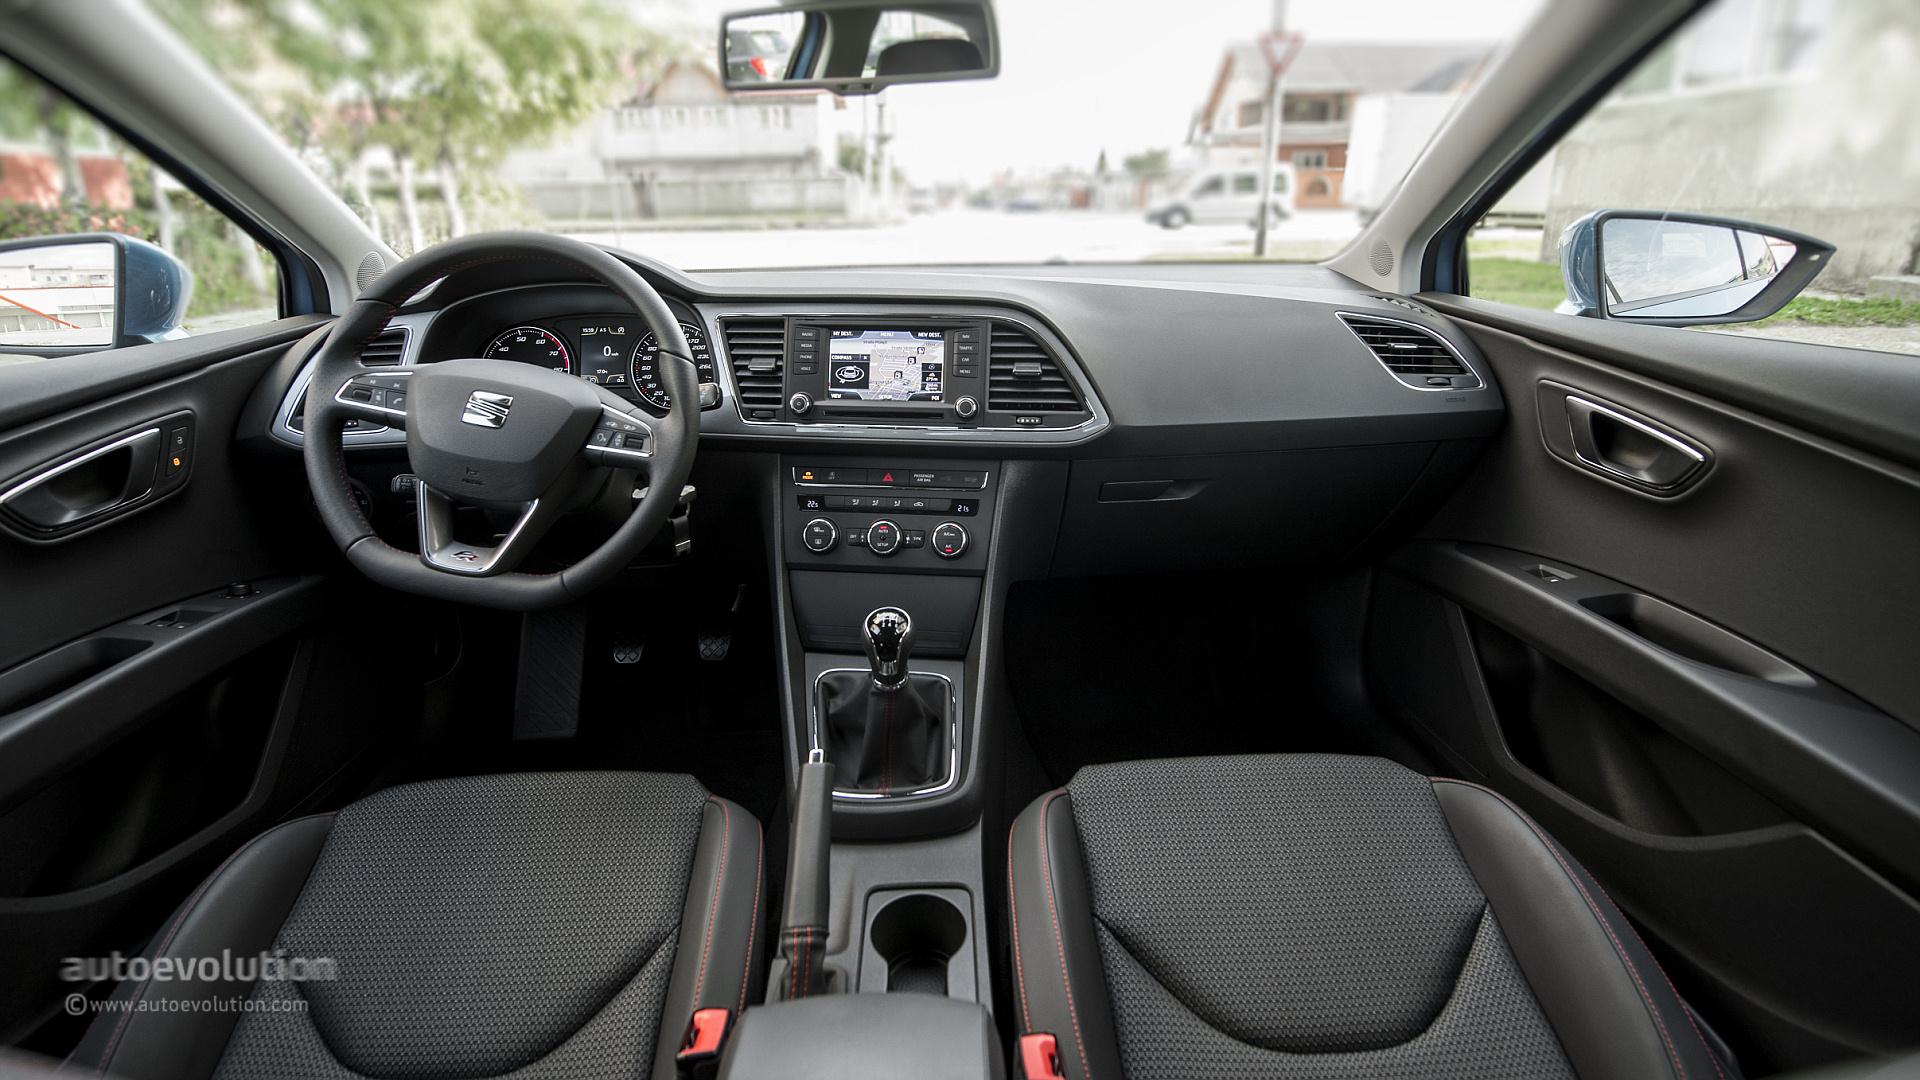 Seat leon sc original photos autoevolution for Interior seat leon